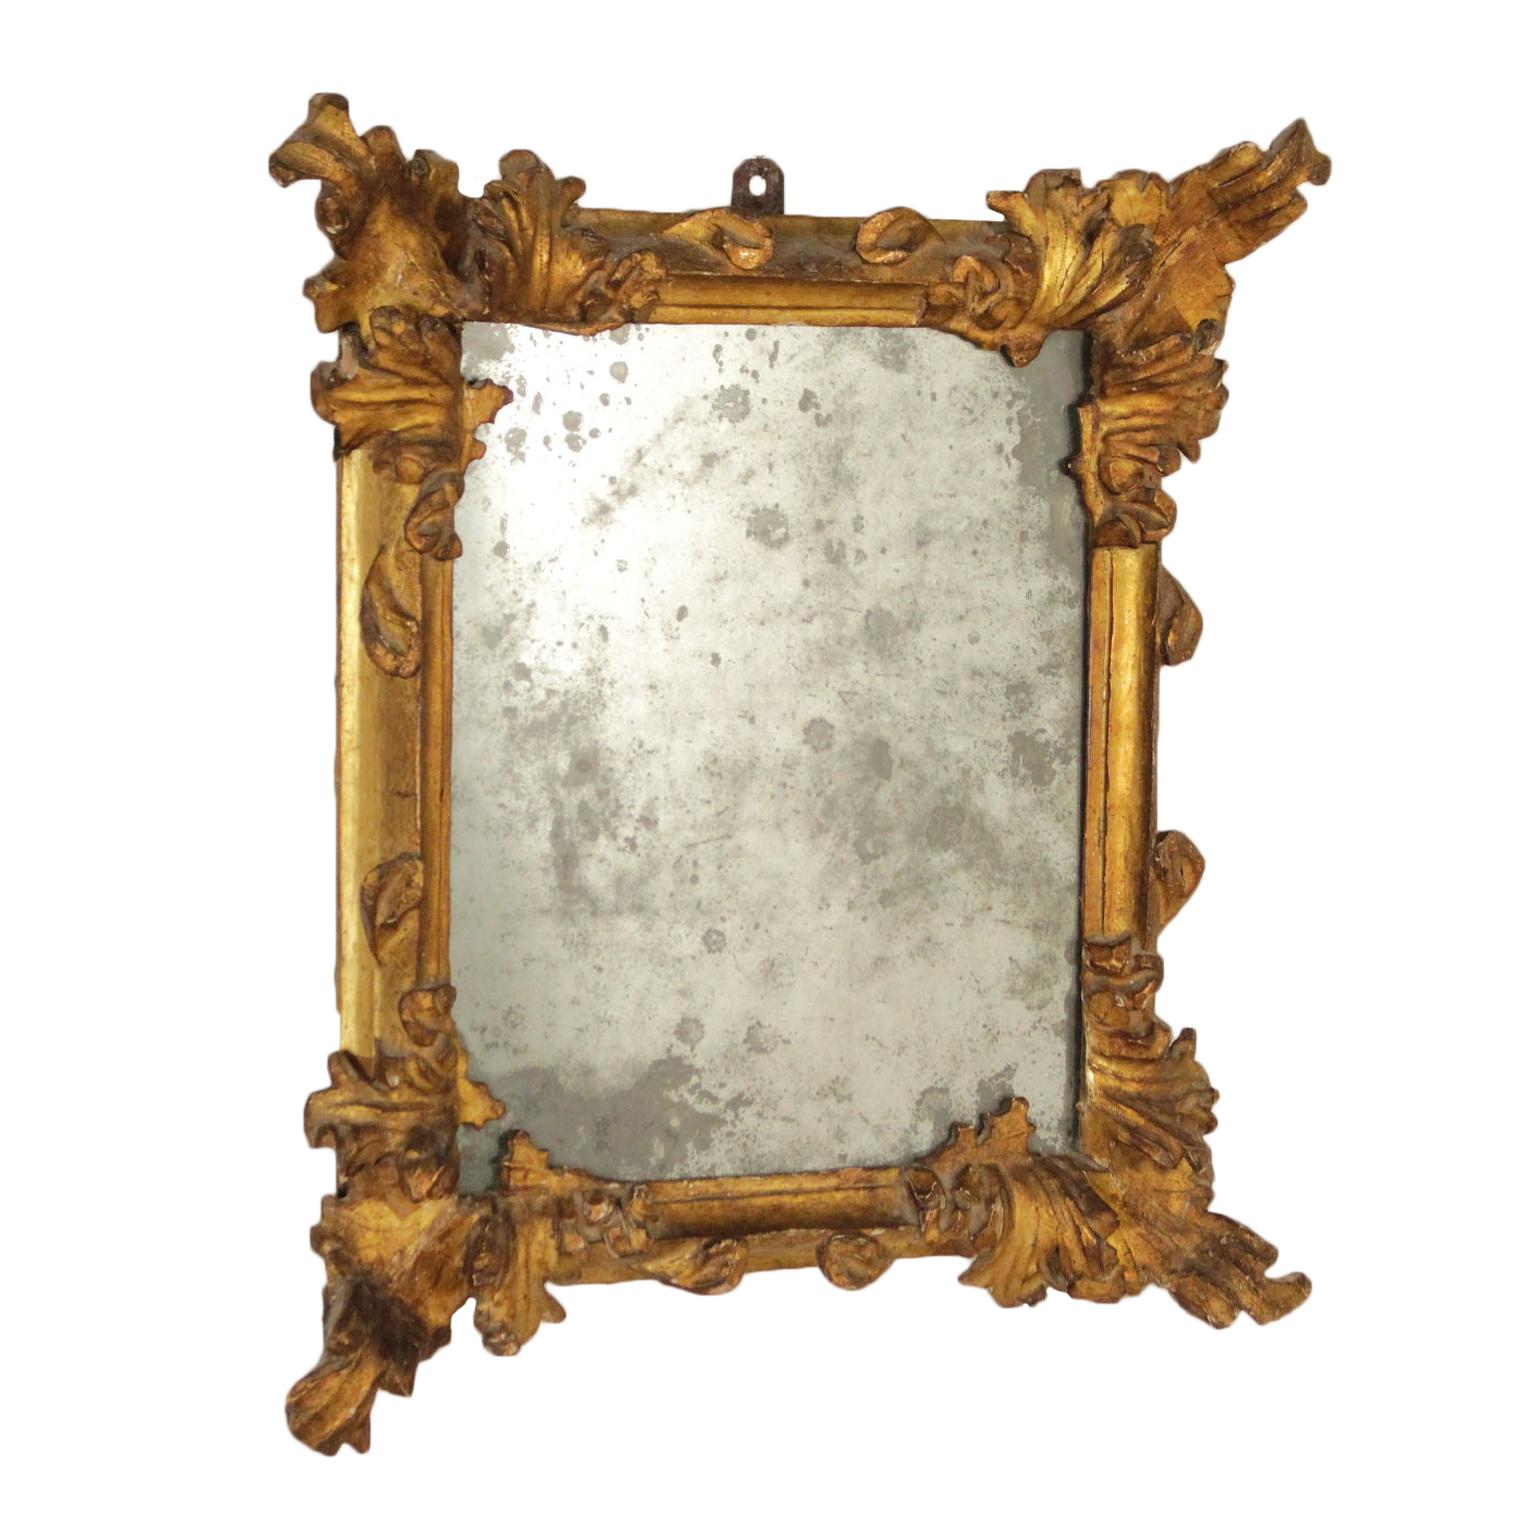 Encadrement Baroque elegant cadre baroque doré fabriqué en italie fin '600 - miroirs et